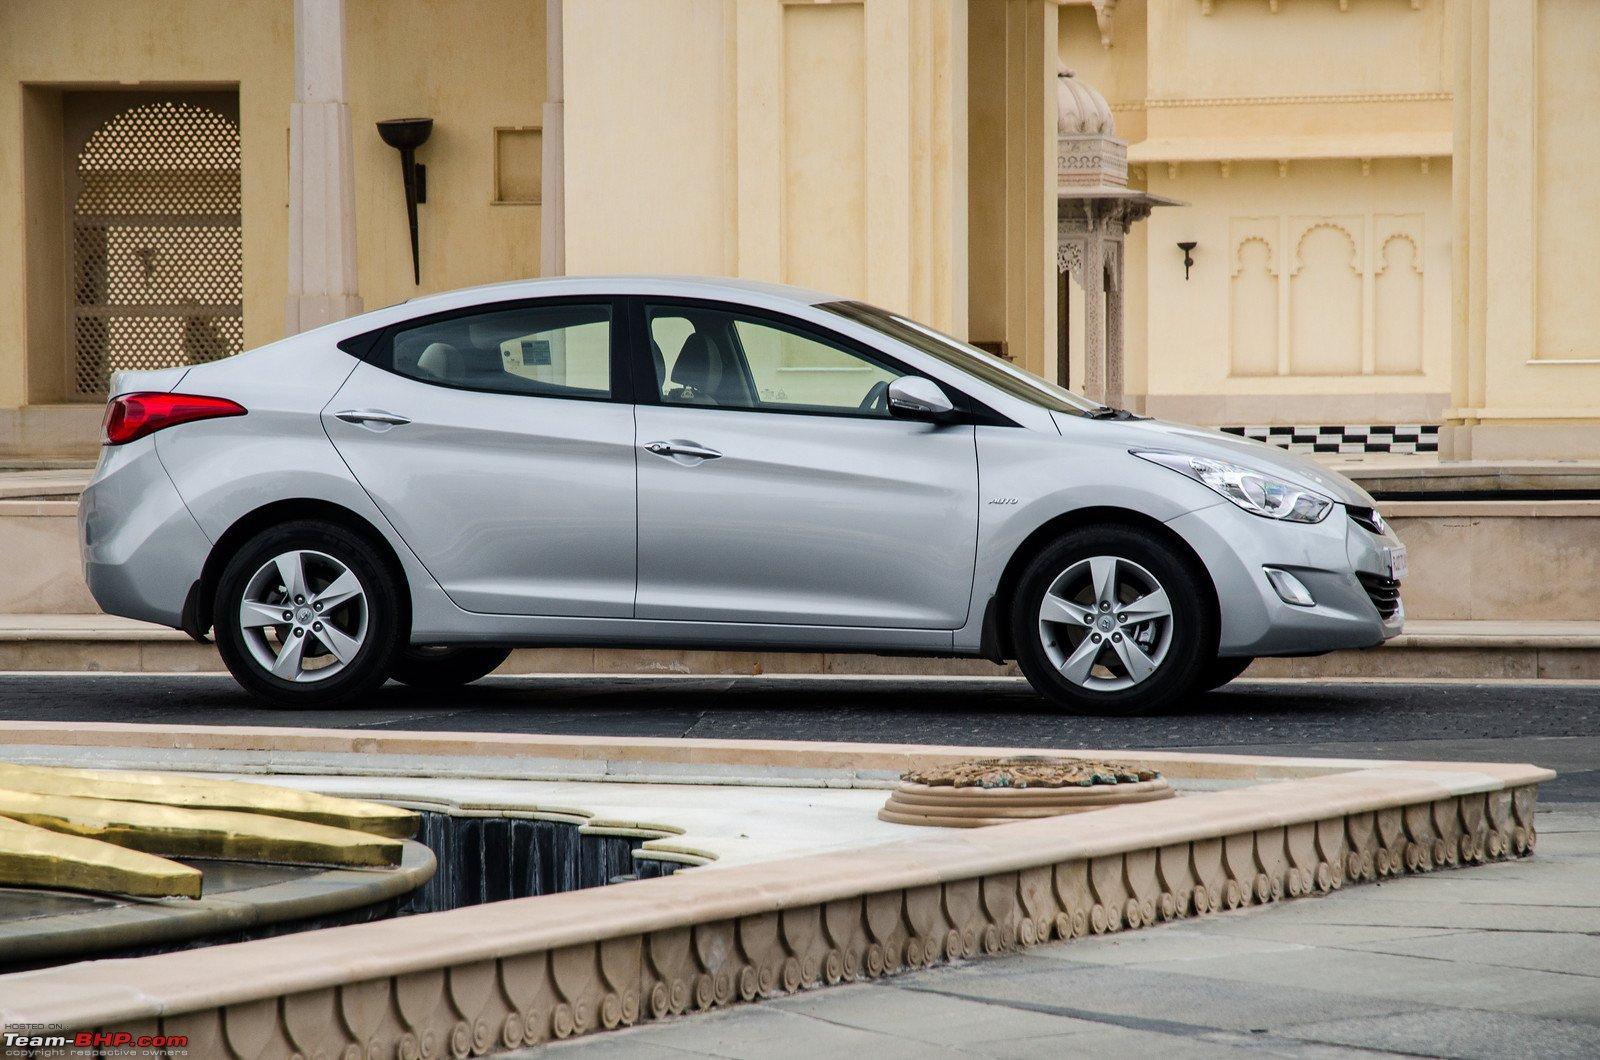 Driven: 5th-gen Hyundai Elantra - Team-BHP